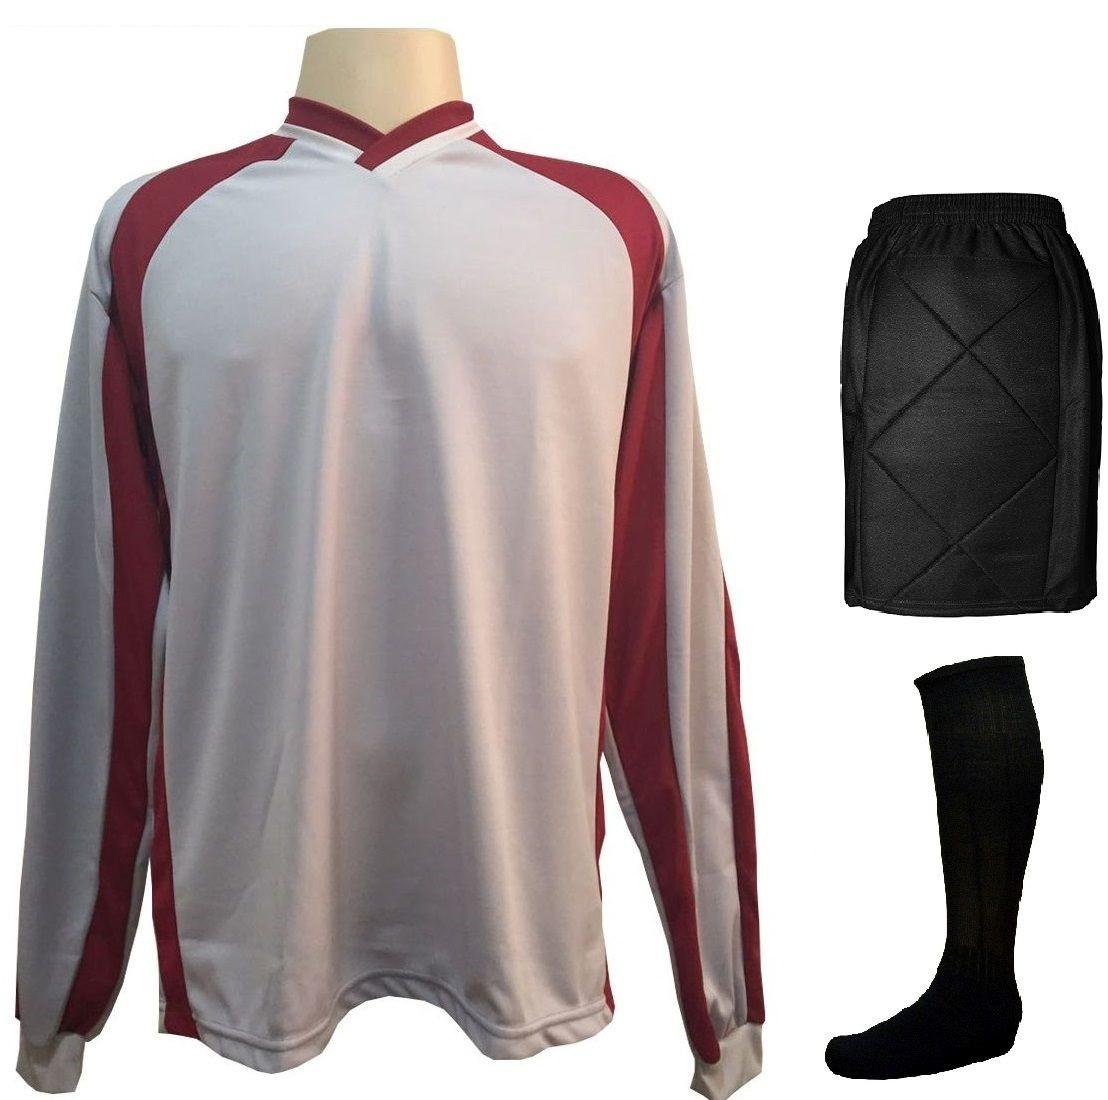 Fardamento Completo modelo City 18+2 (18 Camisas Marinho/Royal + 18 Calções Madrid Royal + 18 Pares de Meiões Marinho + 2 Conjuntos de Goleiro) + Brindes